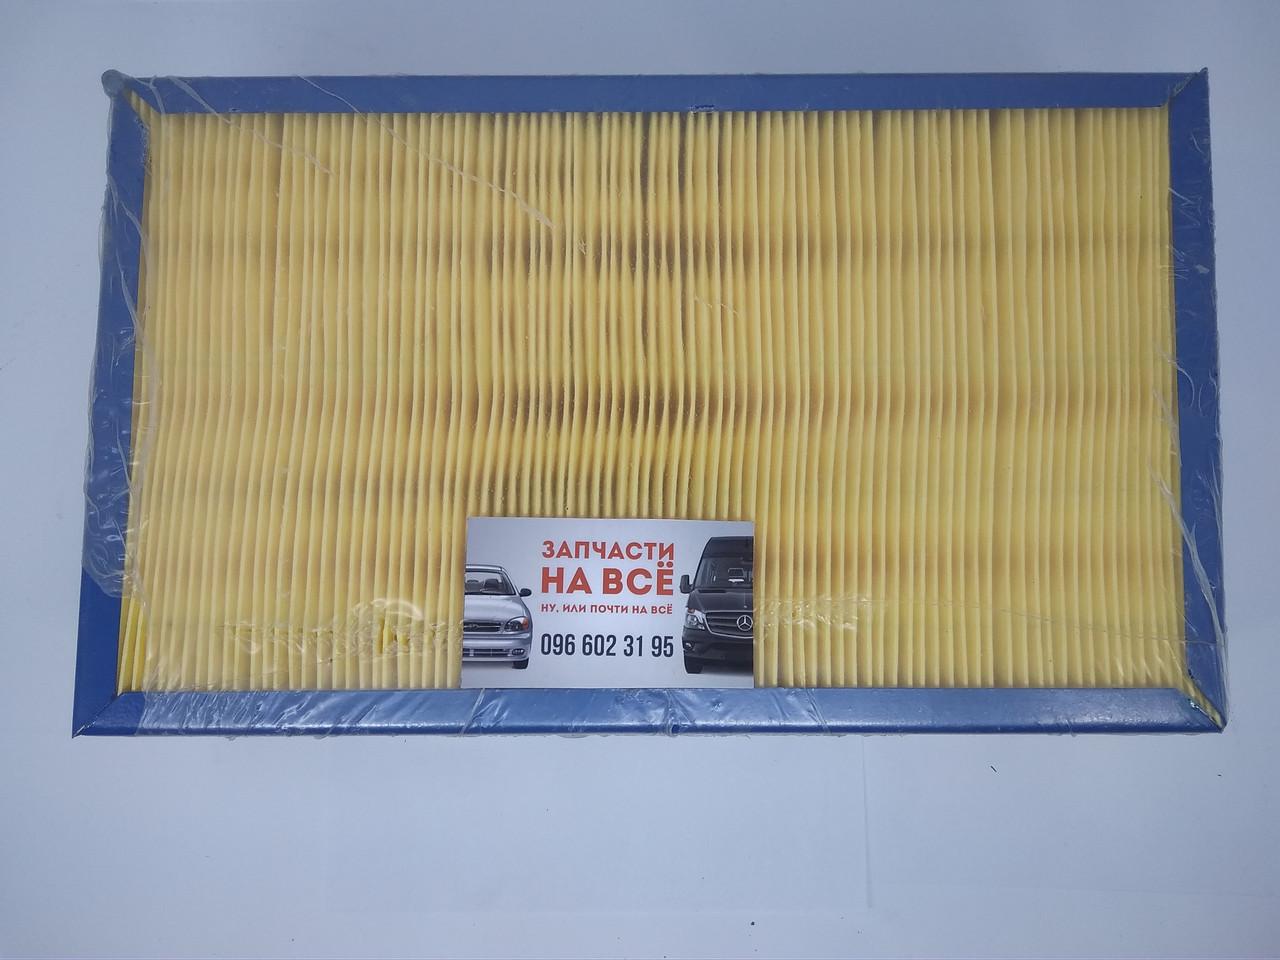 Фильтр отопителя, салона, кабины МТЗ (жел. корпус) (нужно 2 шт) 80-8104070(К-401)